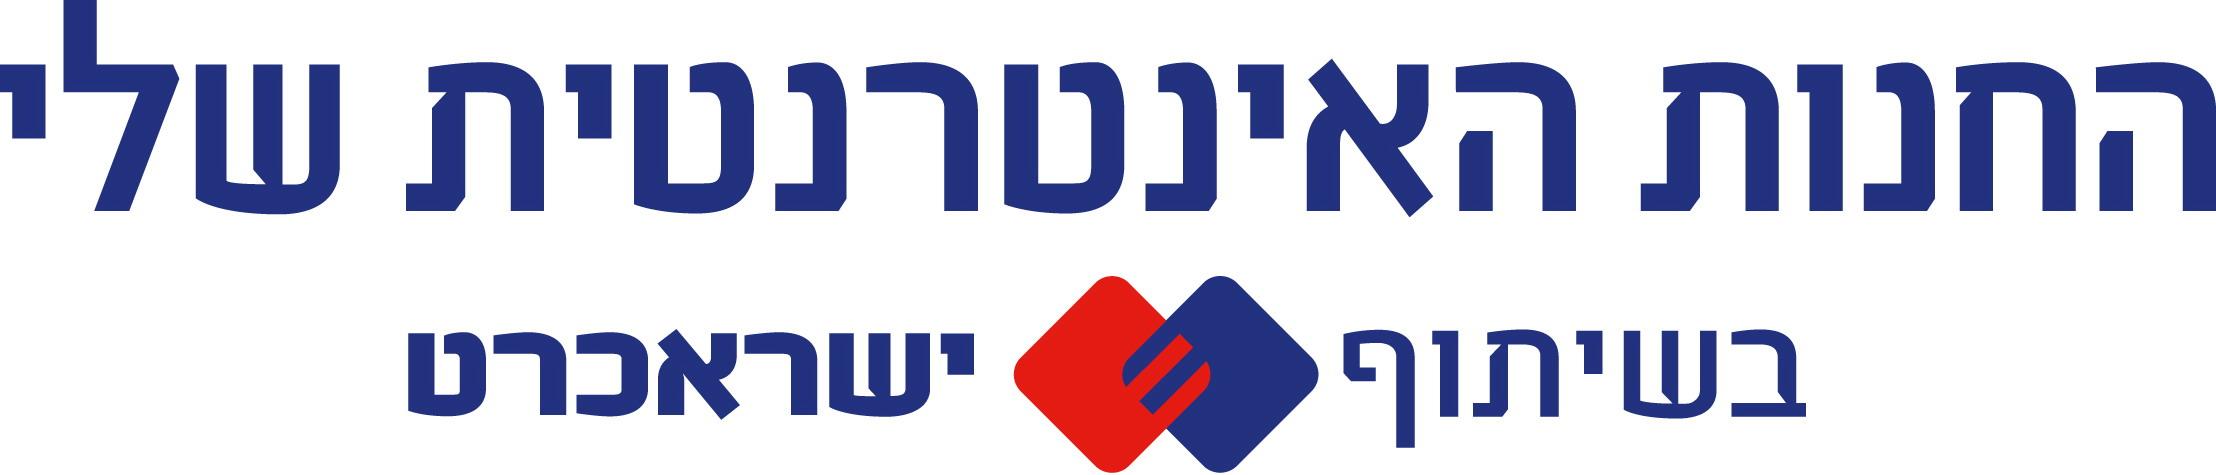 לוגו החנות האינטרנטית שלי